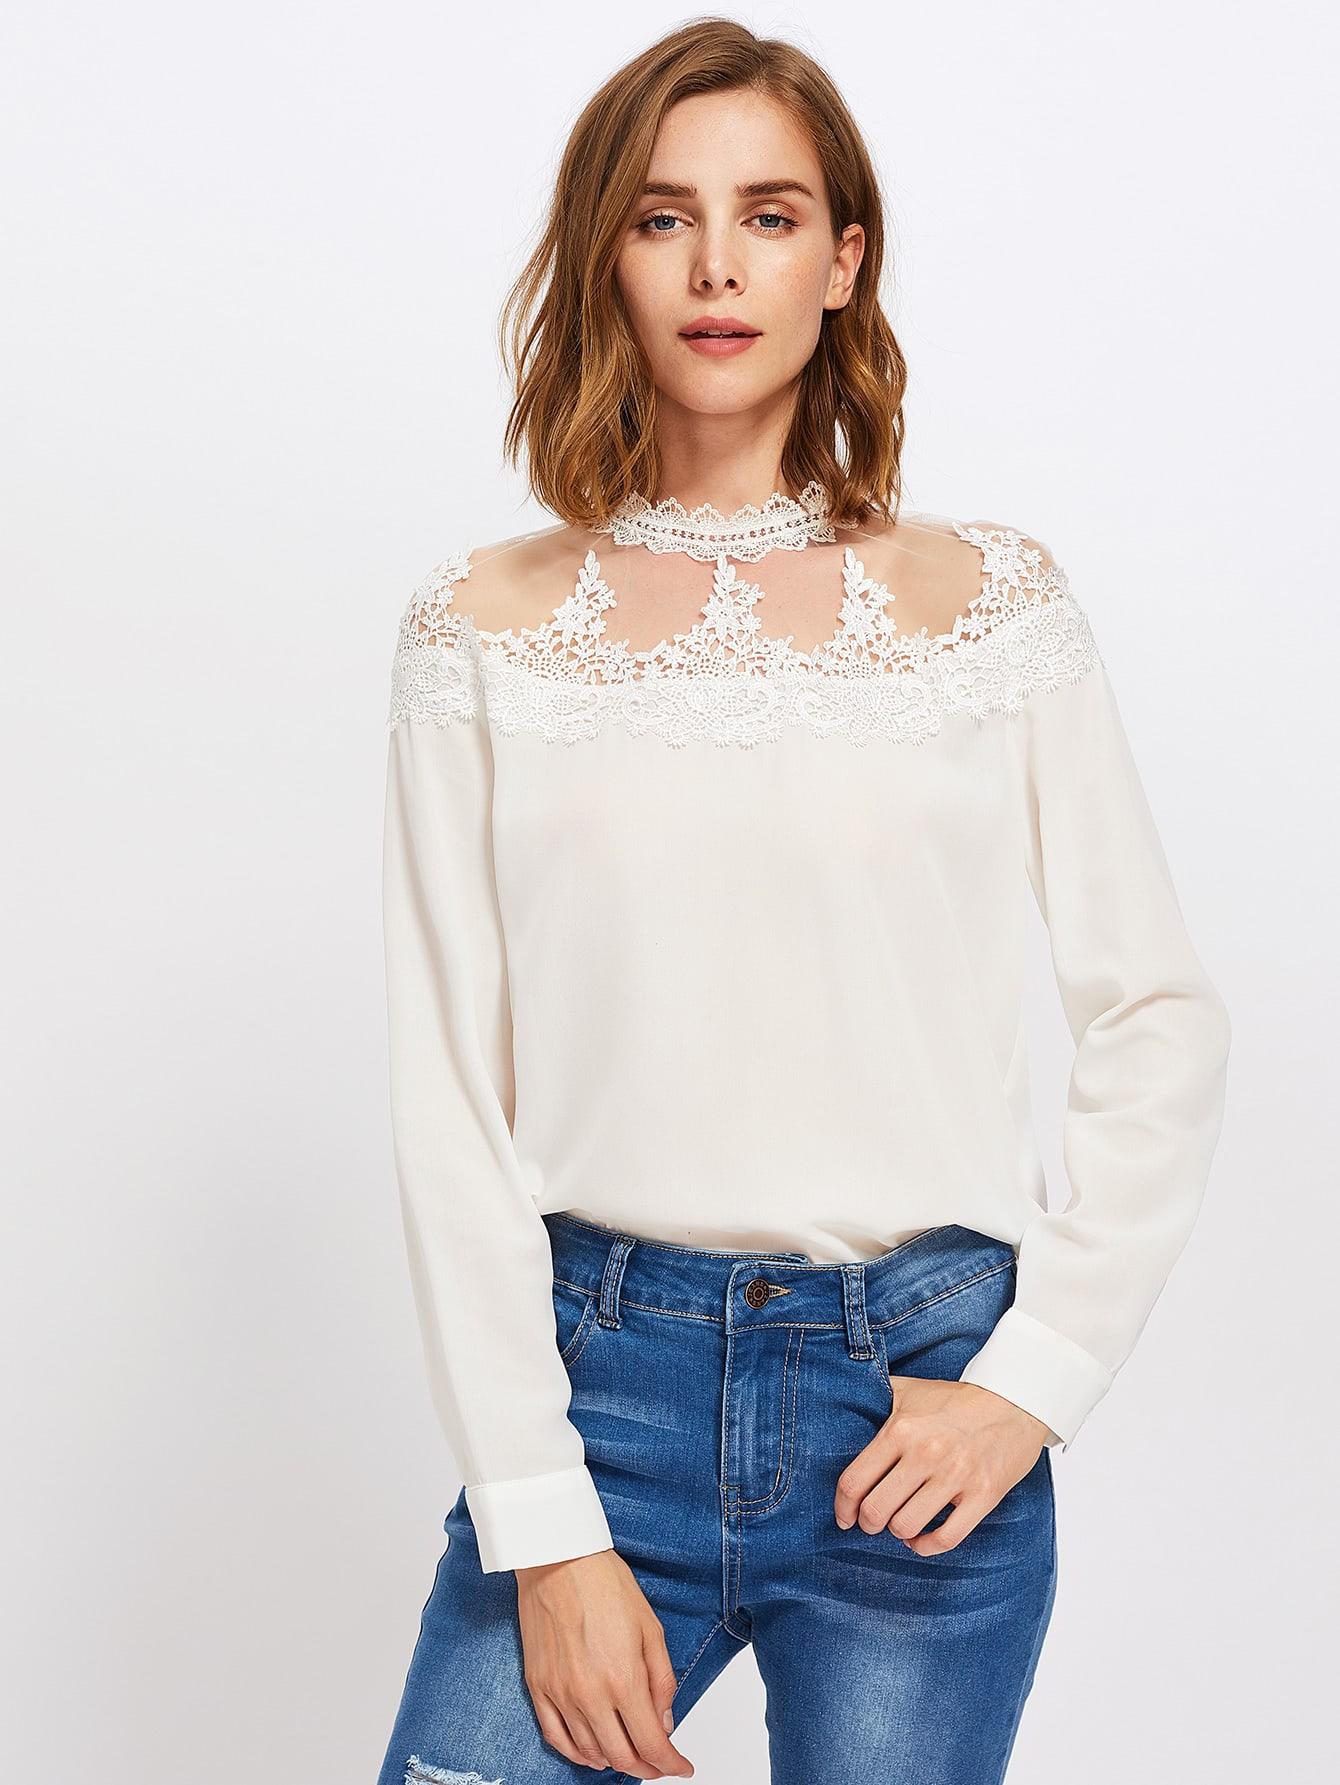 Купить Модная блуза с аппликацией и сетчатой вставкой, Zoranaa, SheIn